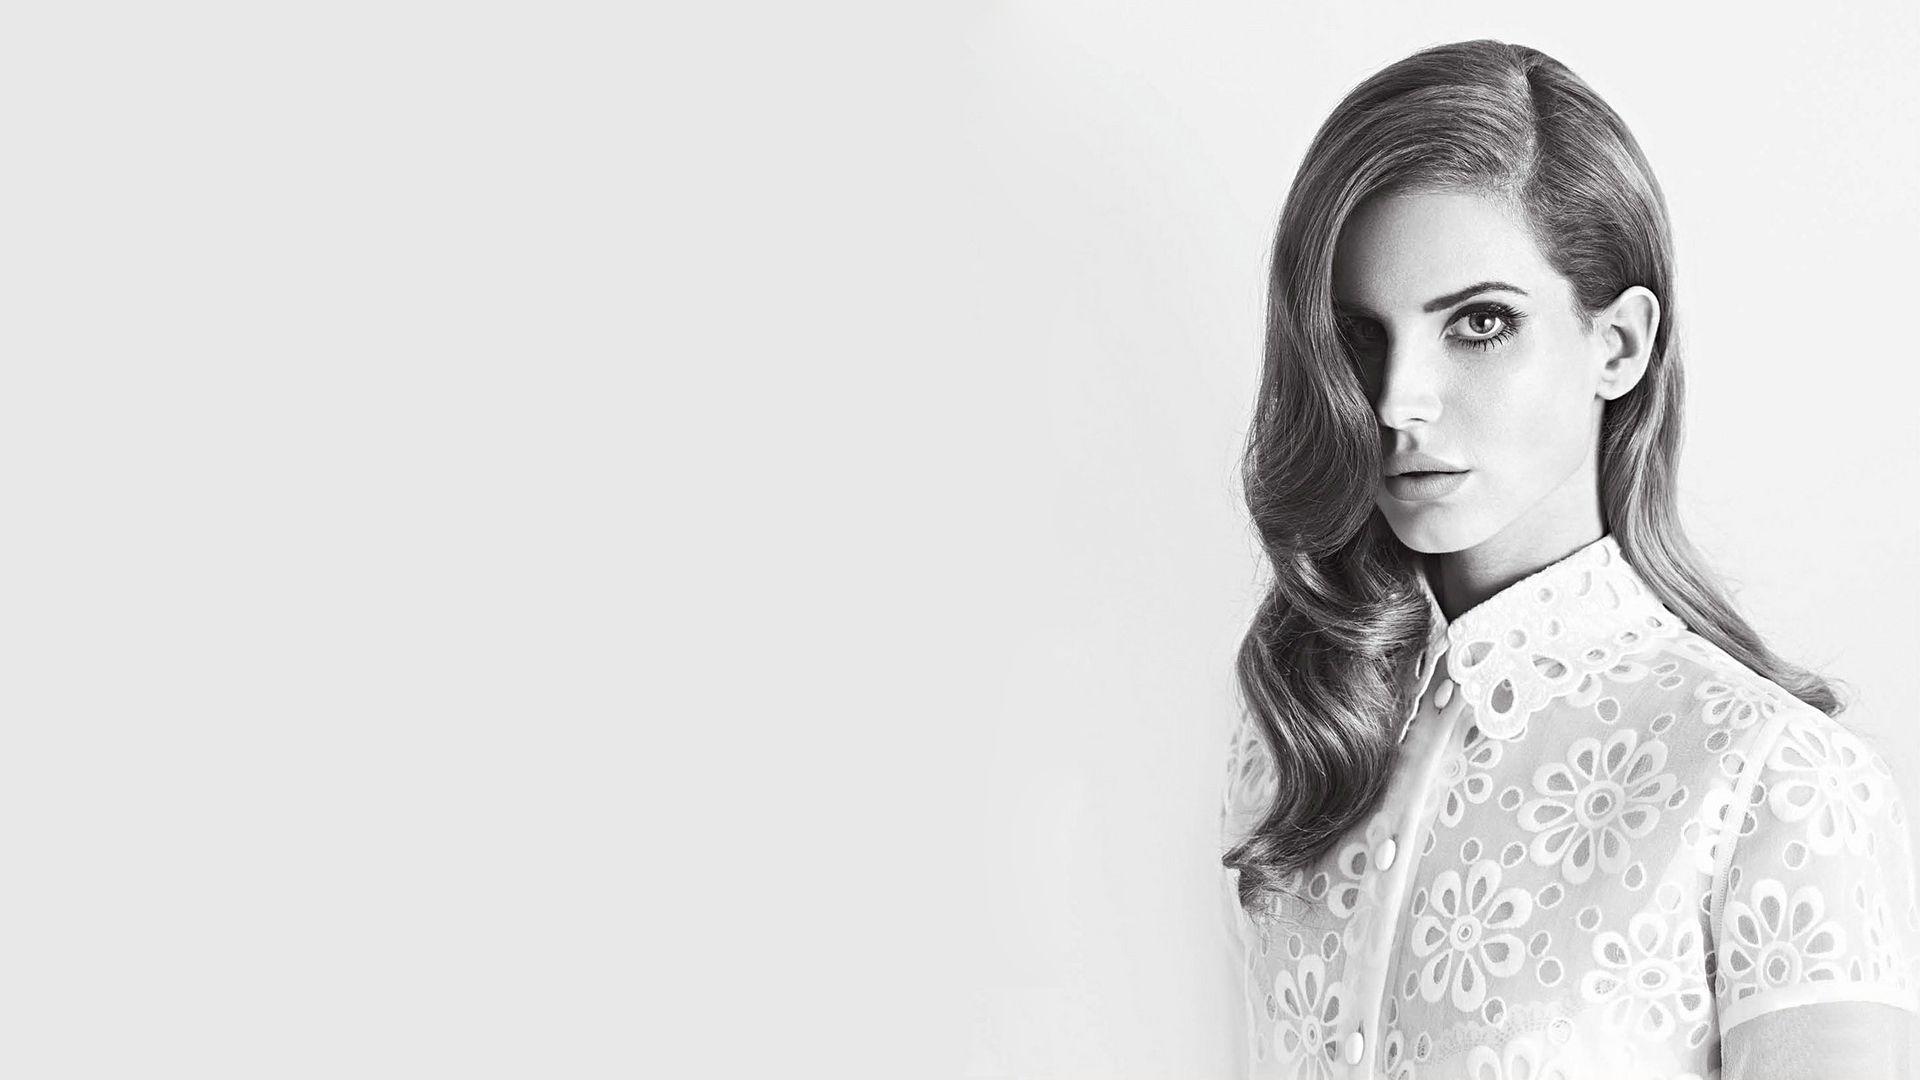 96 Lana Del Rey 2018 Wallpapers On Wallpapersafari